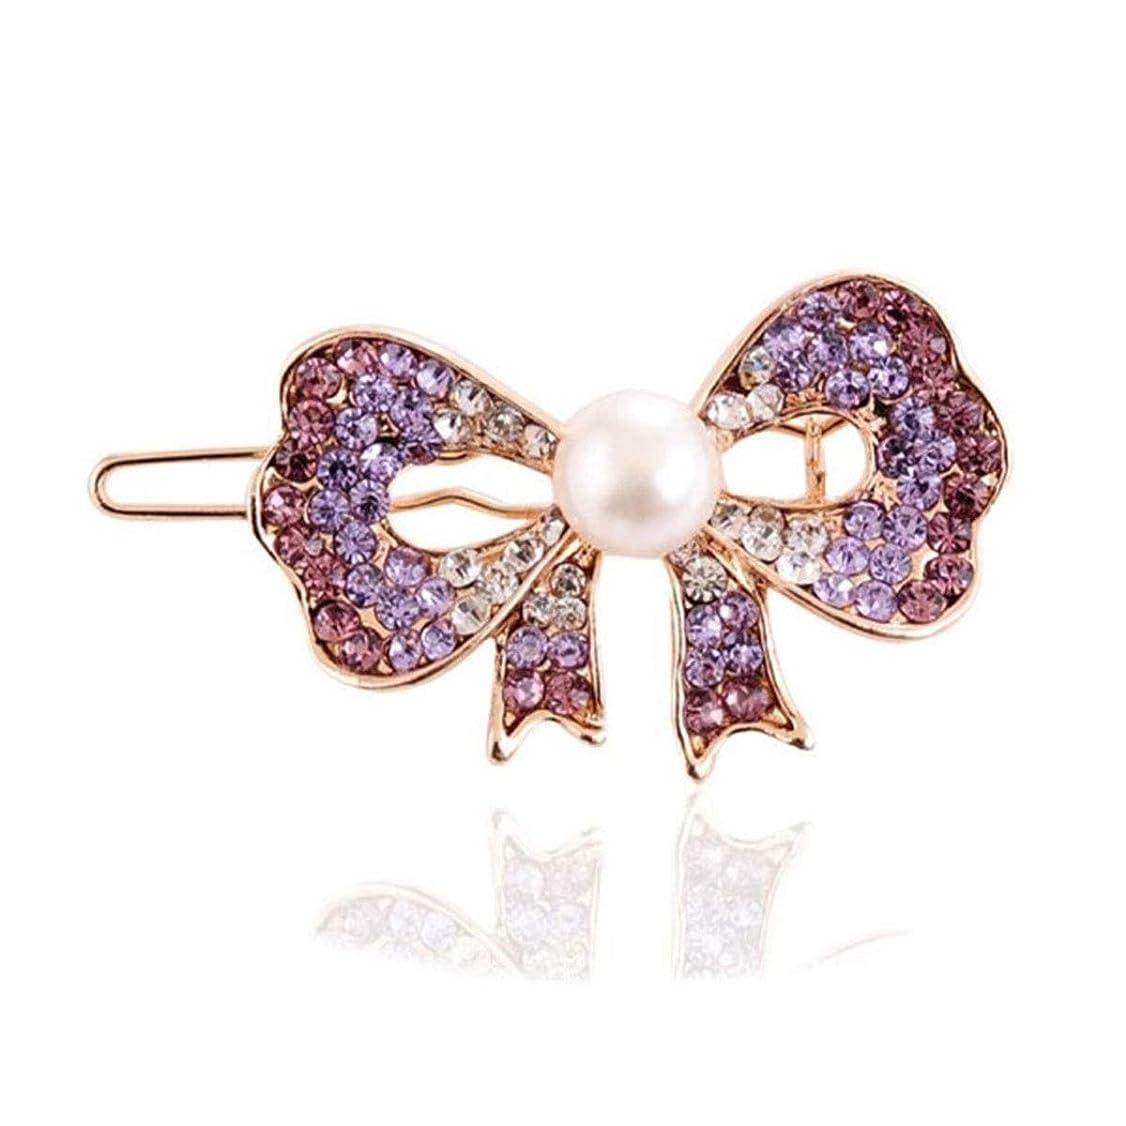 叫ぶ一族区別ヘアクリップ、ヘアピン、ヘアグリップ、ヘアグリップ、ヘアアクセサリーメスクリップヘアピン前髪ヘアピンヘアピンクリップカエルクリップクリップ帽子紫 (Color : Purple, Size : 5.2*3.0cm)